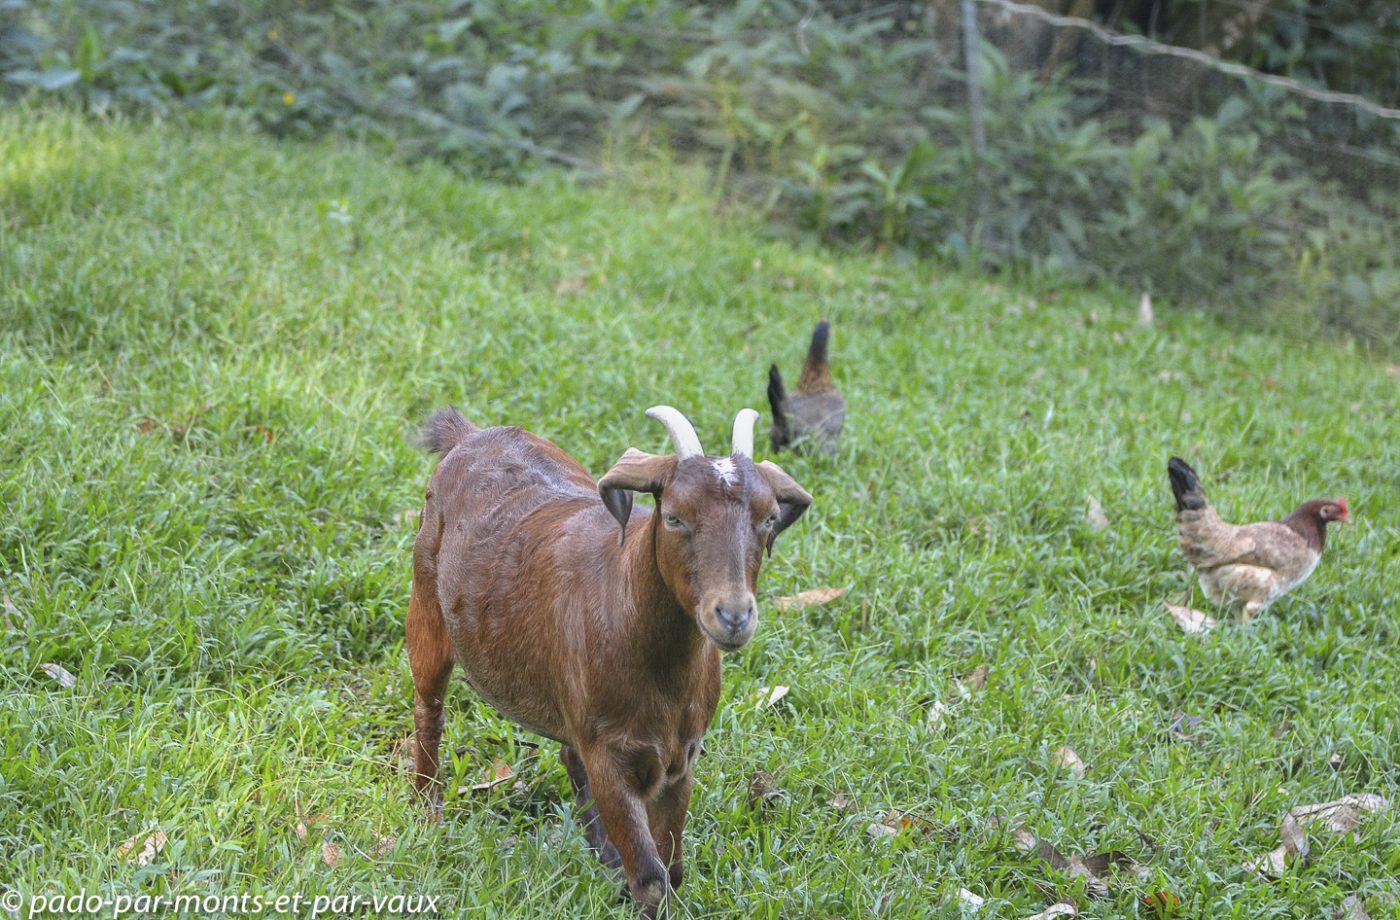 Maui - Chèvre des voisins